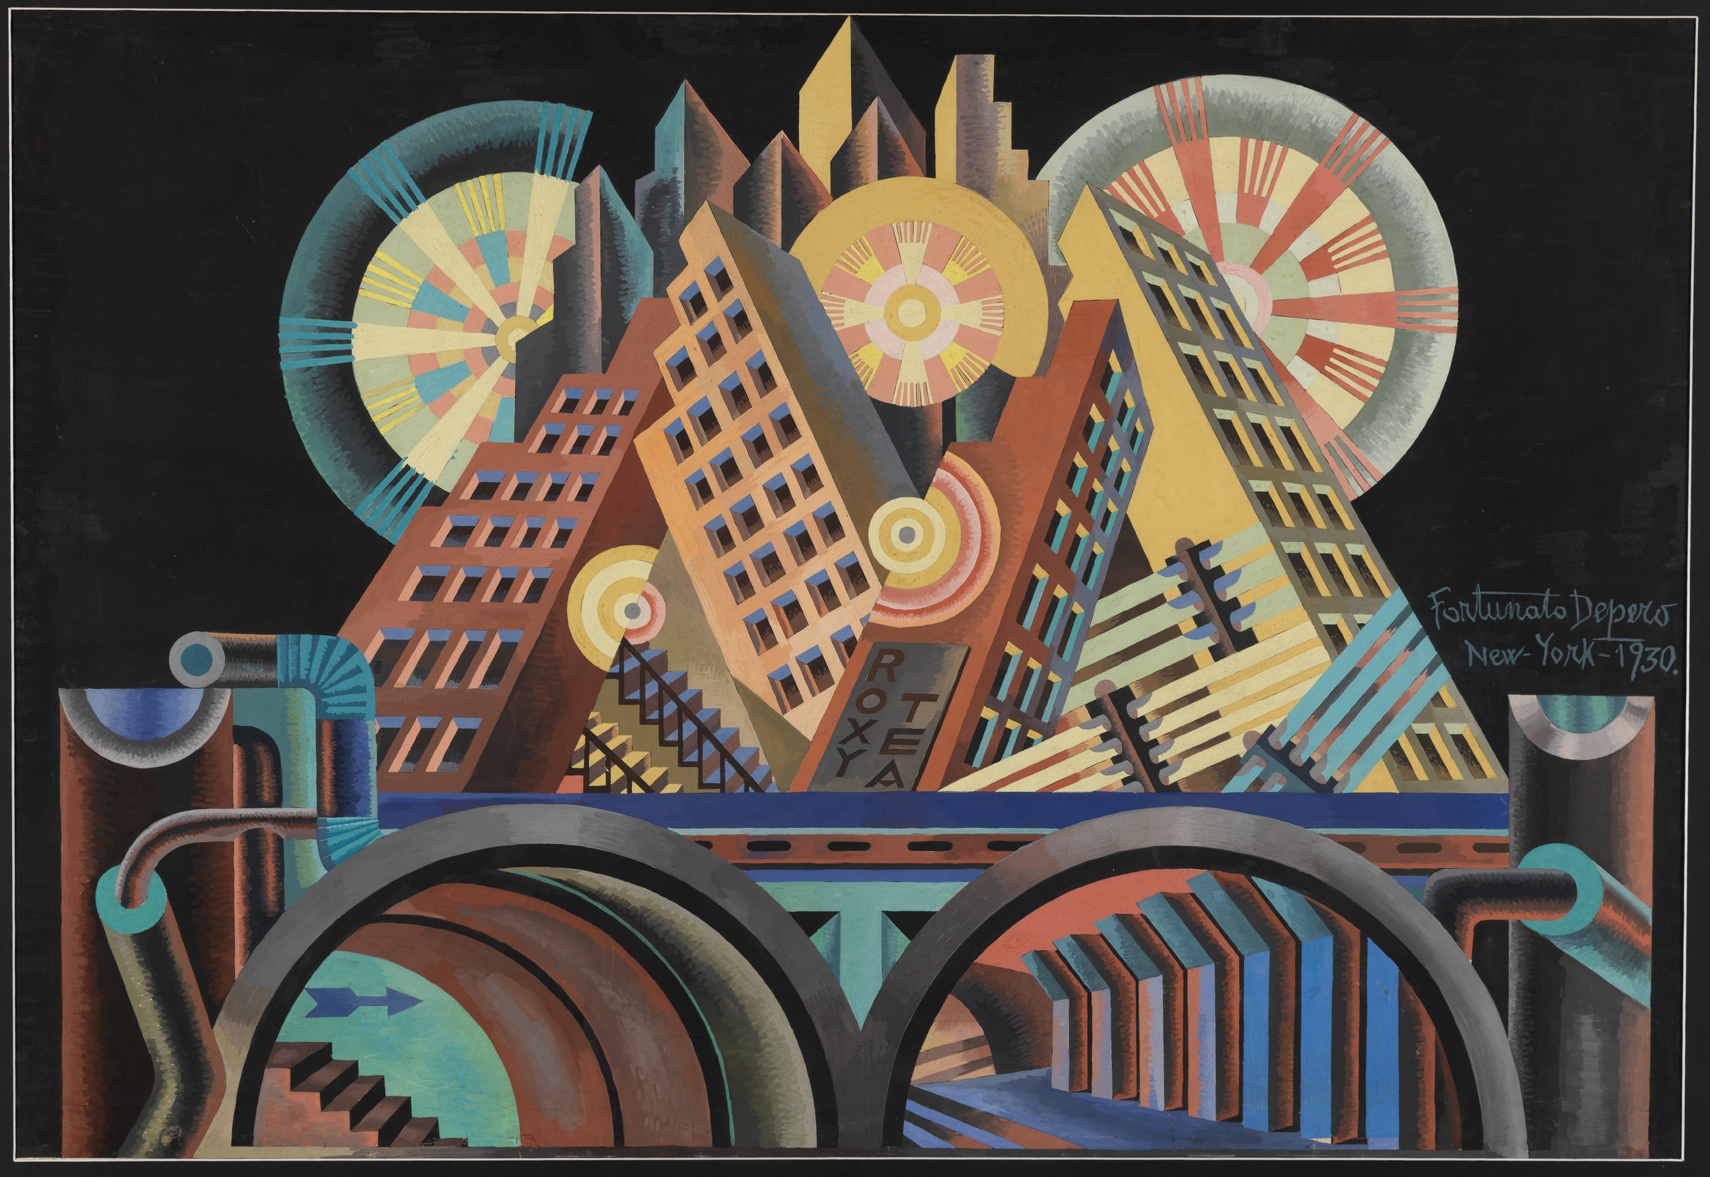 Fig. 1: Fortunato Depero, Grattacieli e tunnel (Skyscrapers and Tunnel), 1930 tempera on cardboard,  68 x 102 cm, Mart, Museo di arte moderna e contemporanea di Trento e Rovereto